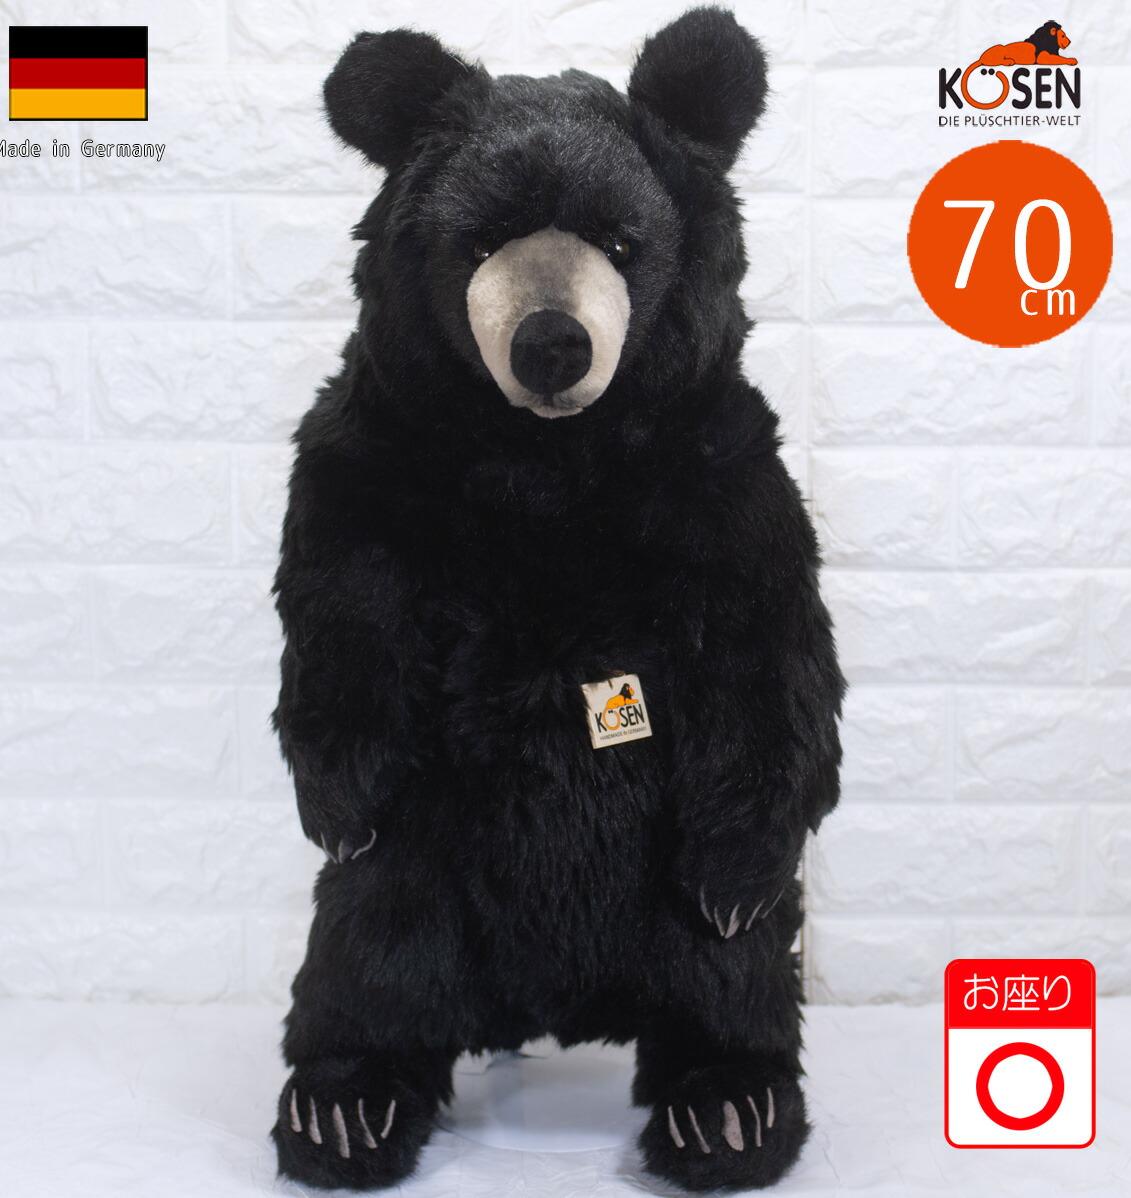 ケーセン ぬいぐるみ kosen ブラックベア(大) Black Bear(Large) 70cm クマ くま テディベア リアル 動物